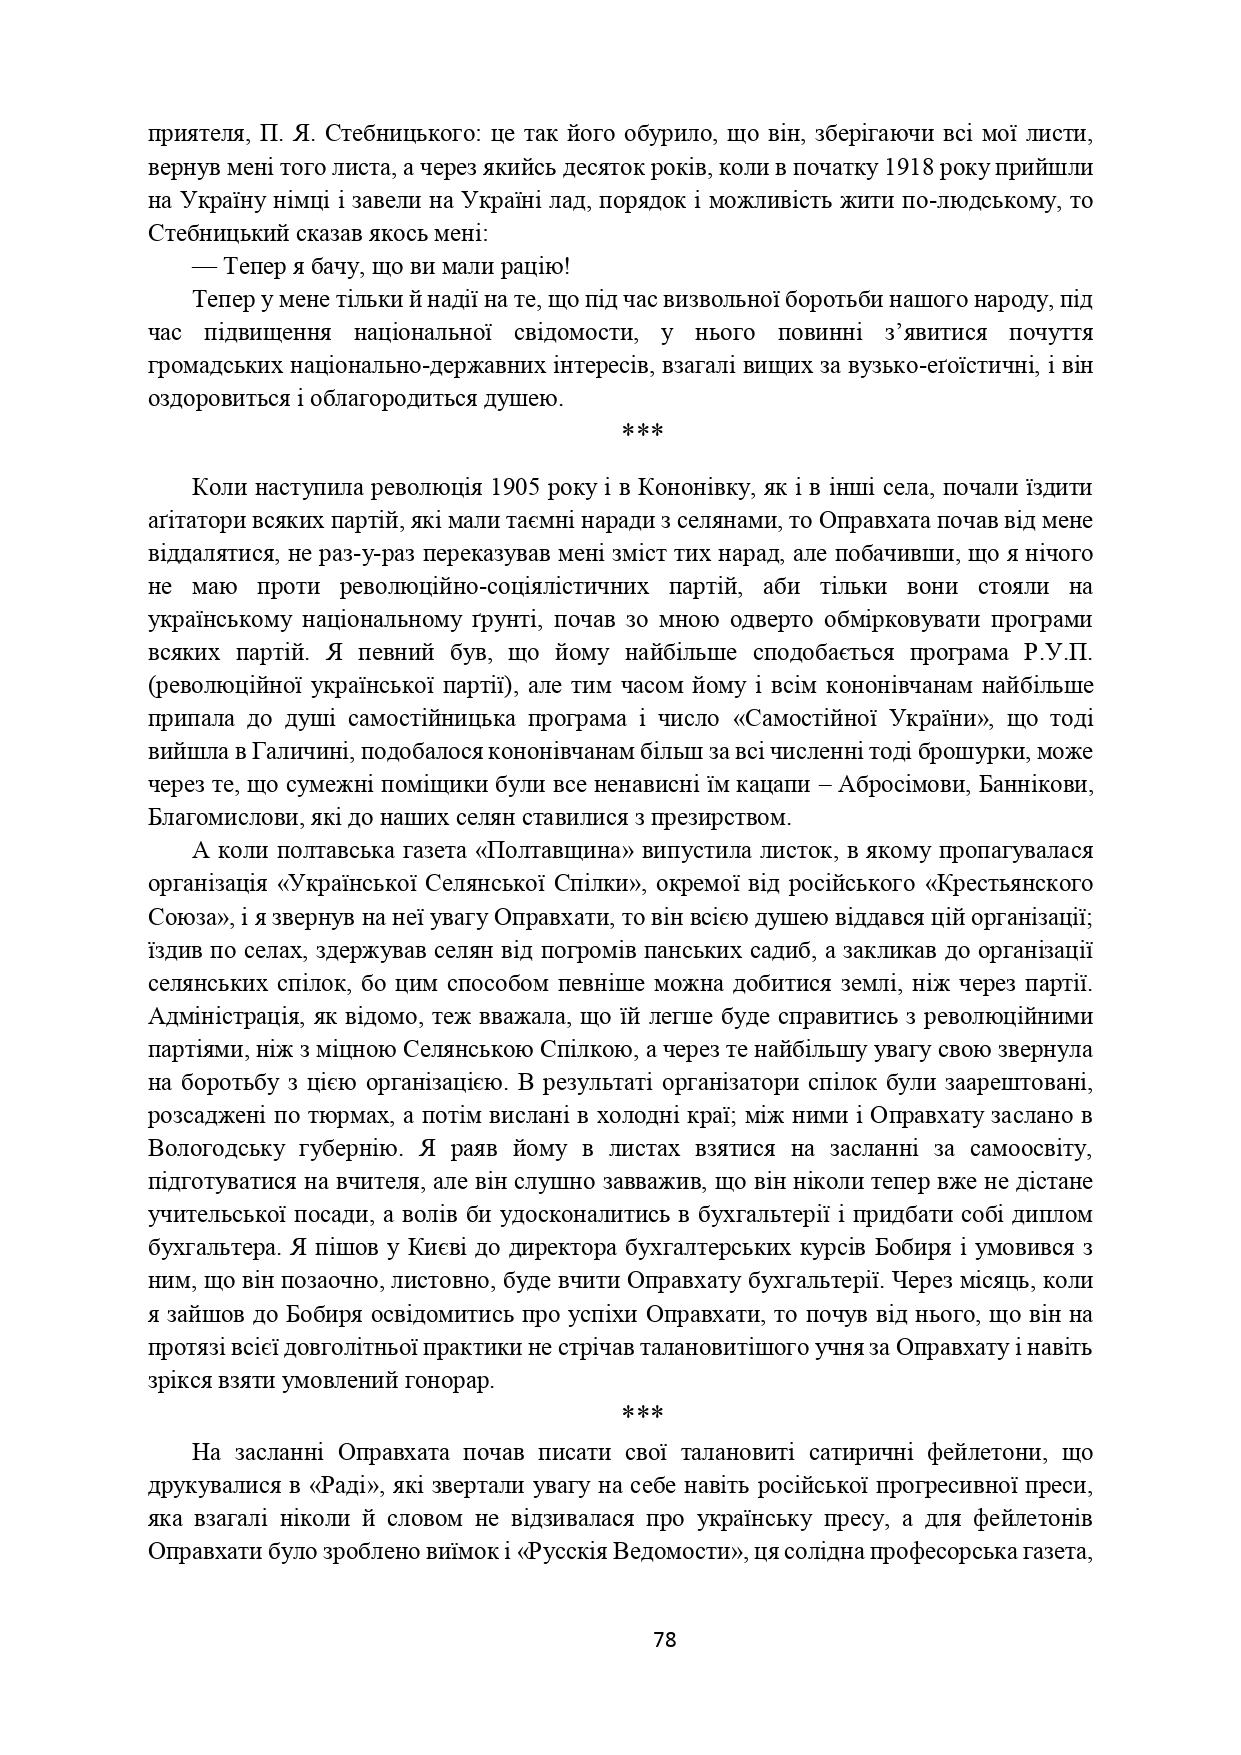 ІСТОРІЯ СЕЛА КОНОНІВКА 2021 (1)_page-0078